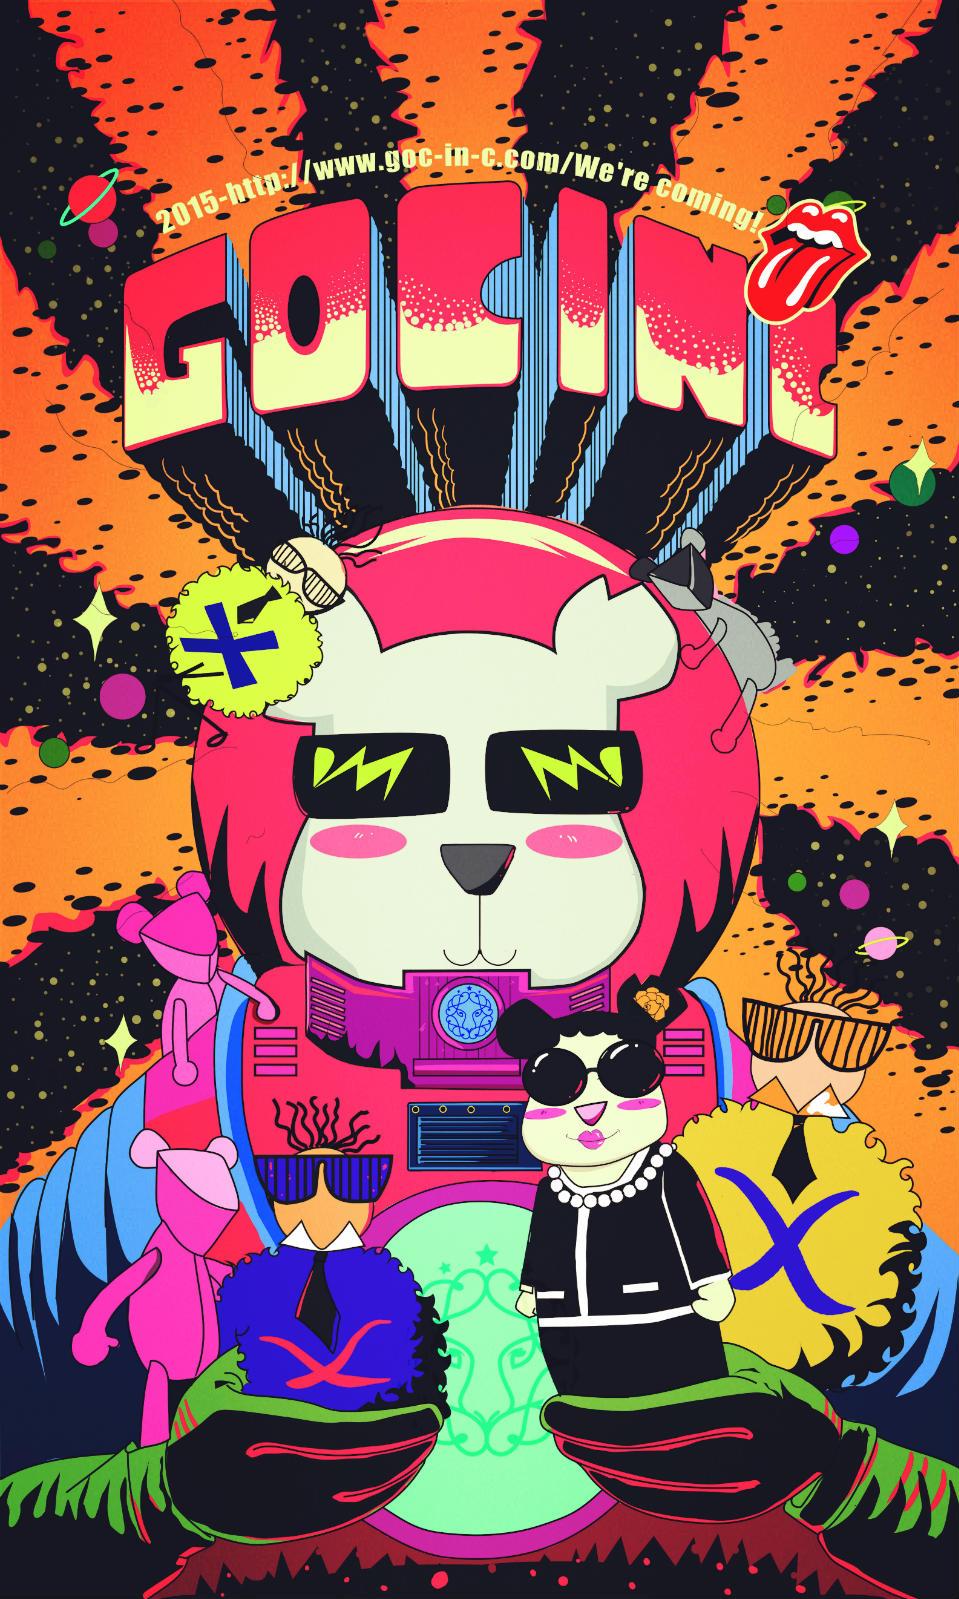 goc92_goc小熊发布会海报设计